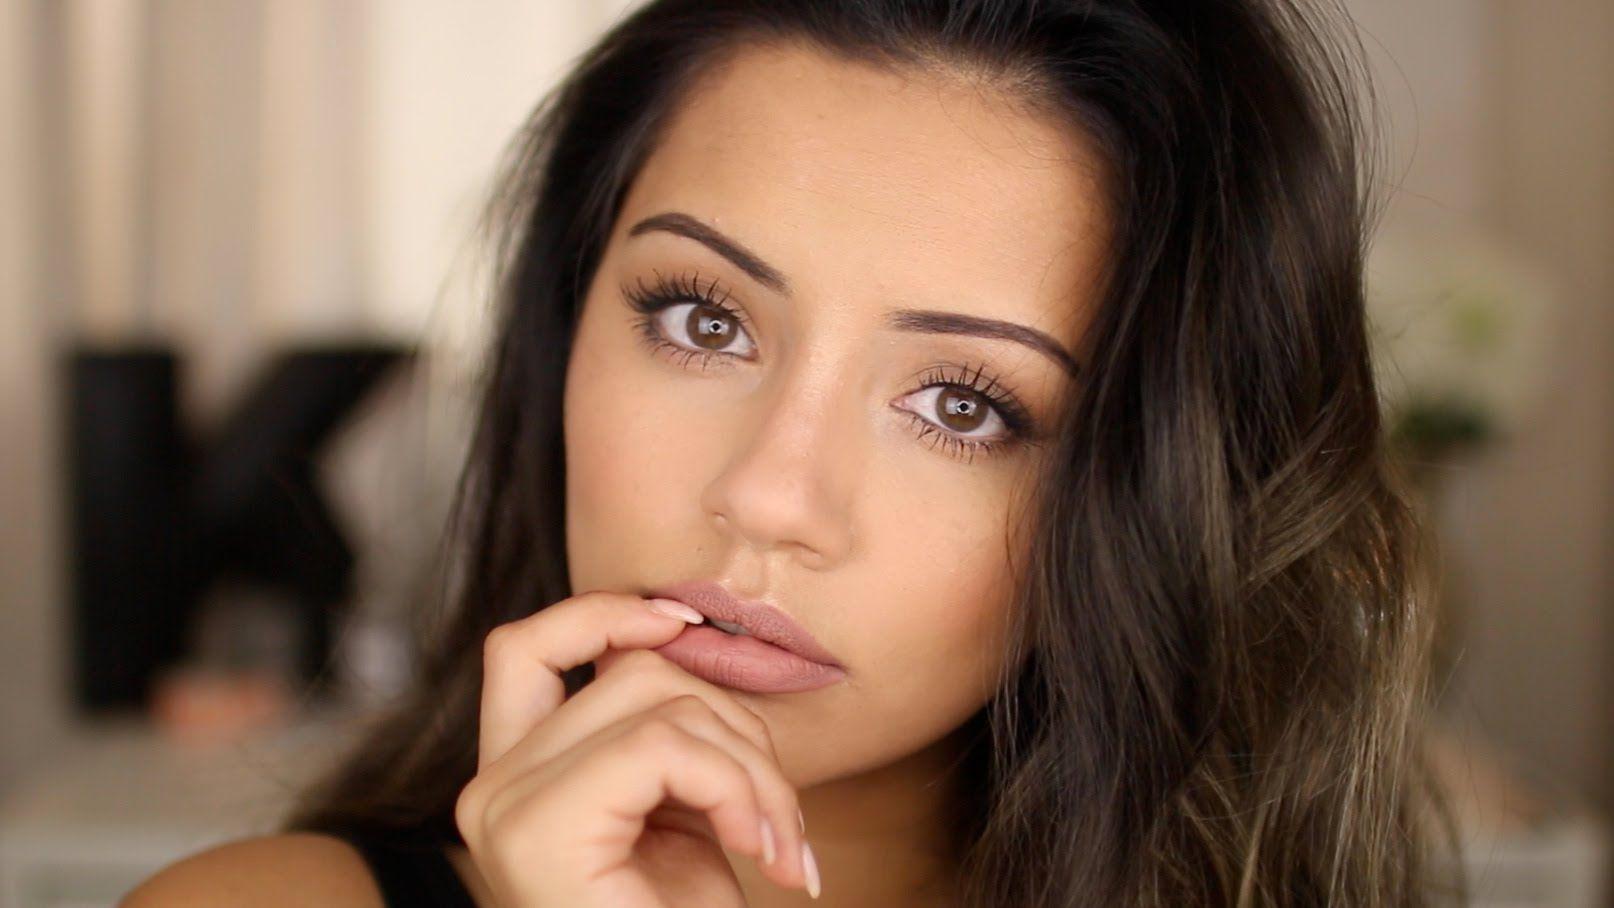 Kylie jenner inspired drugstore makeup tutorial youtube makeup kylie jenner inspired drugstore makeup tutorial youtube baditri Choice Image